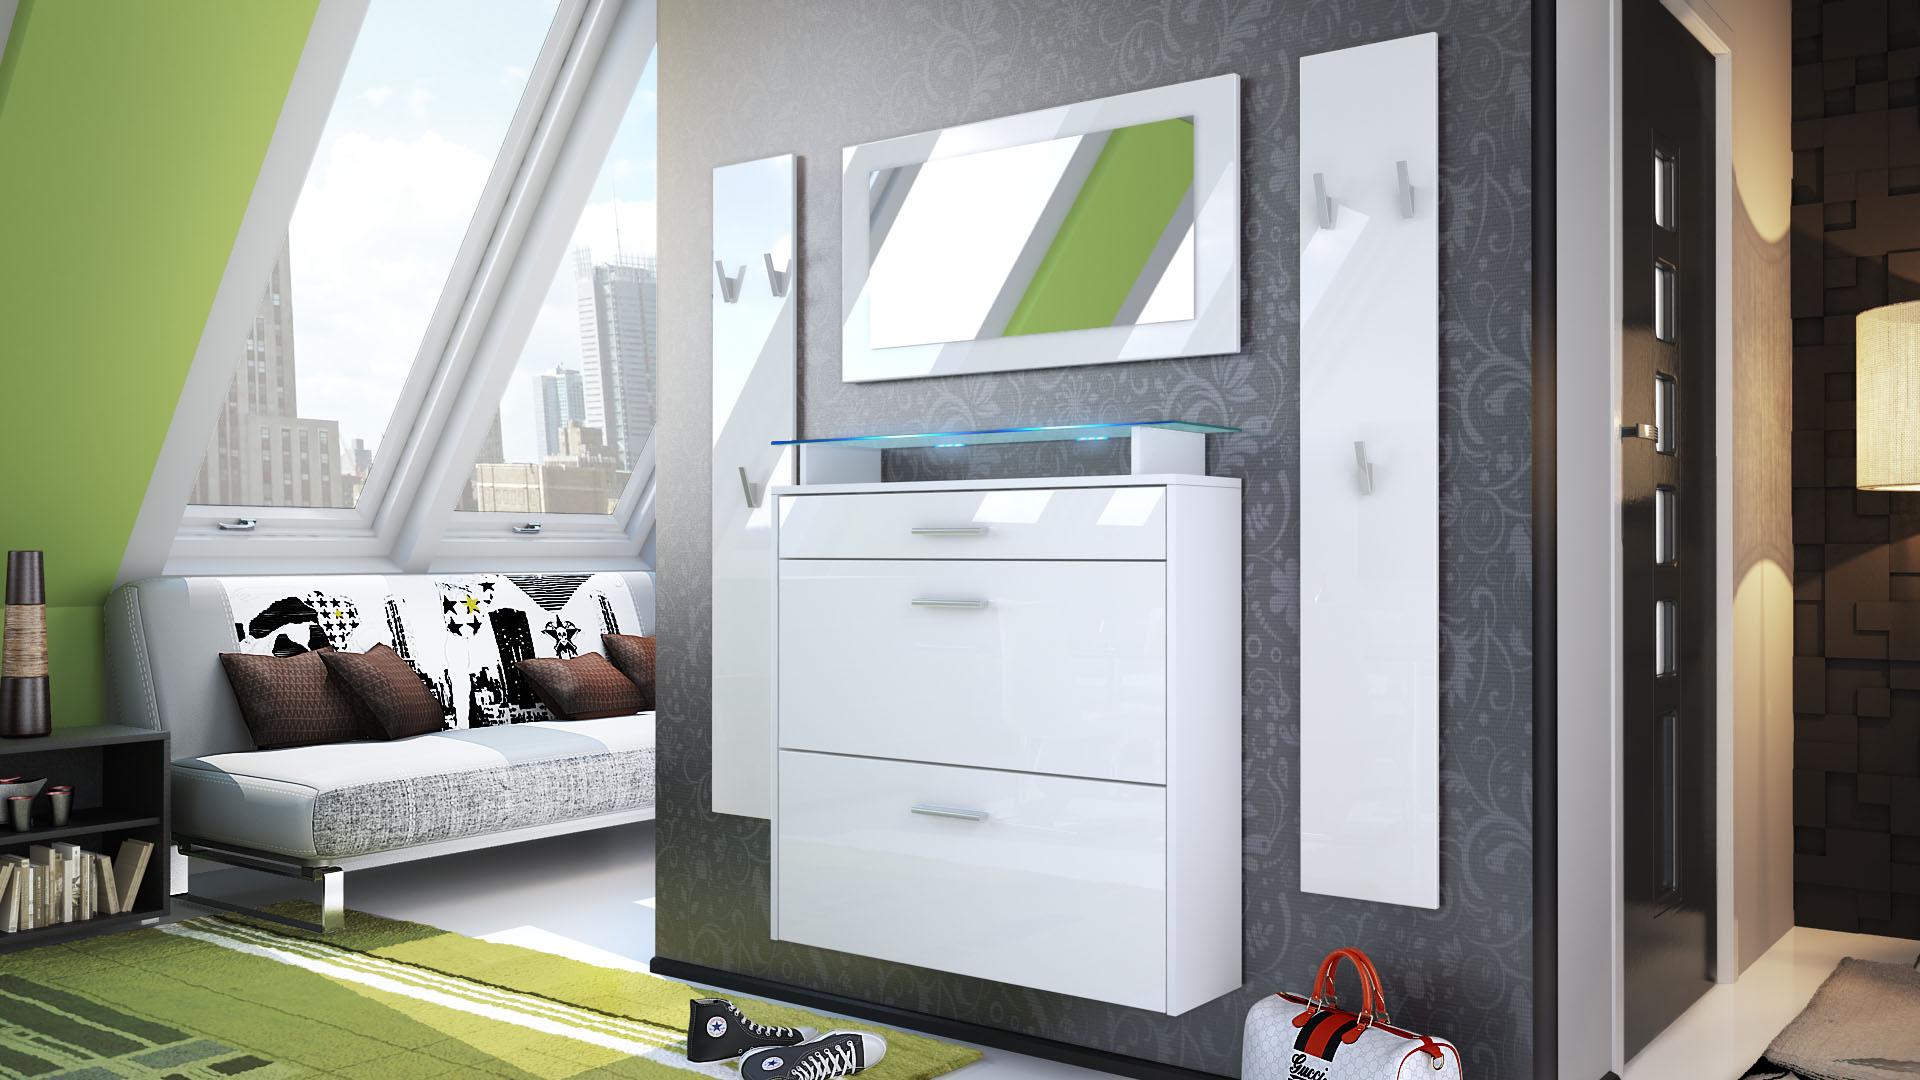 Garderobenset flur garderobe diele set malea wei spiegel for Schuhschrank ebay